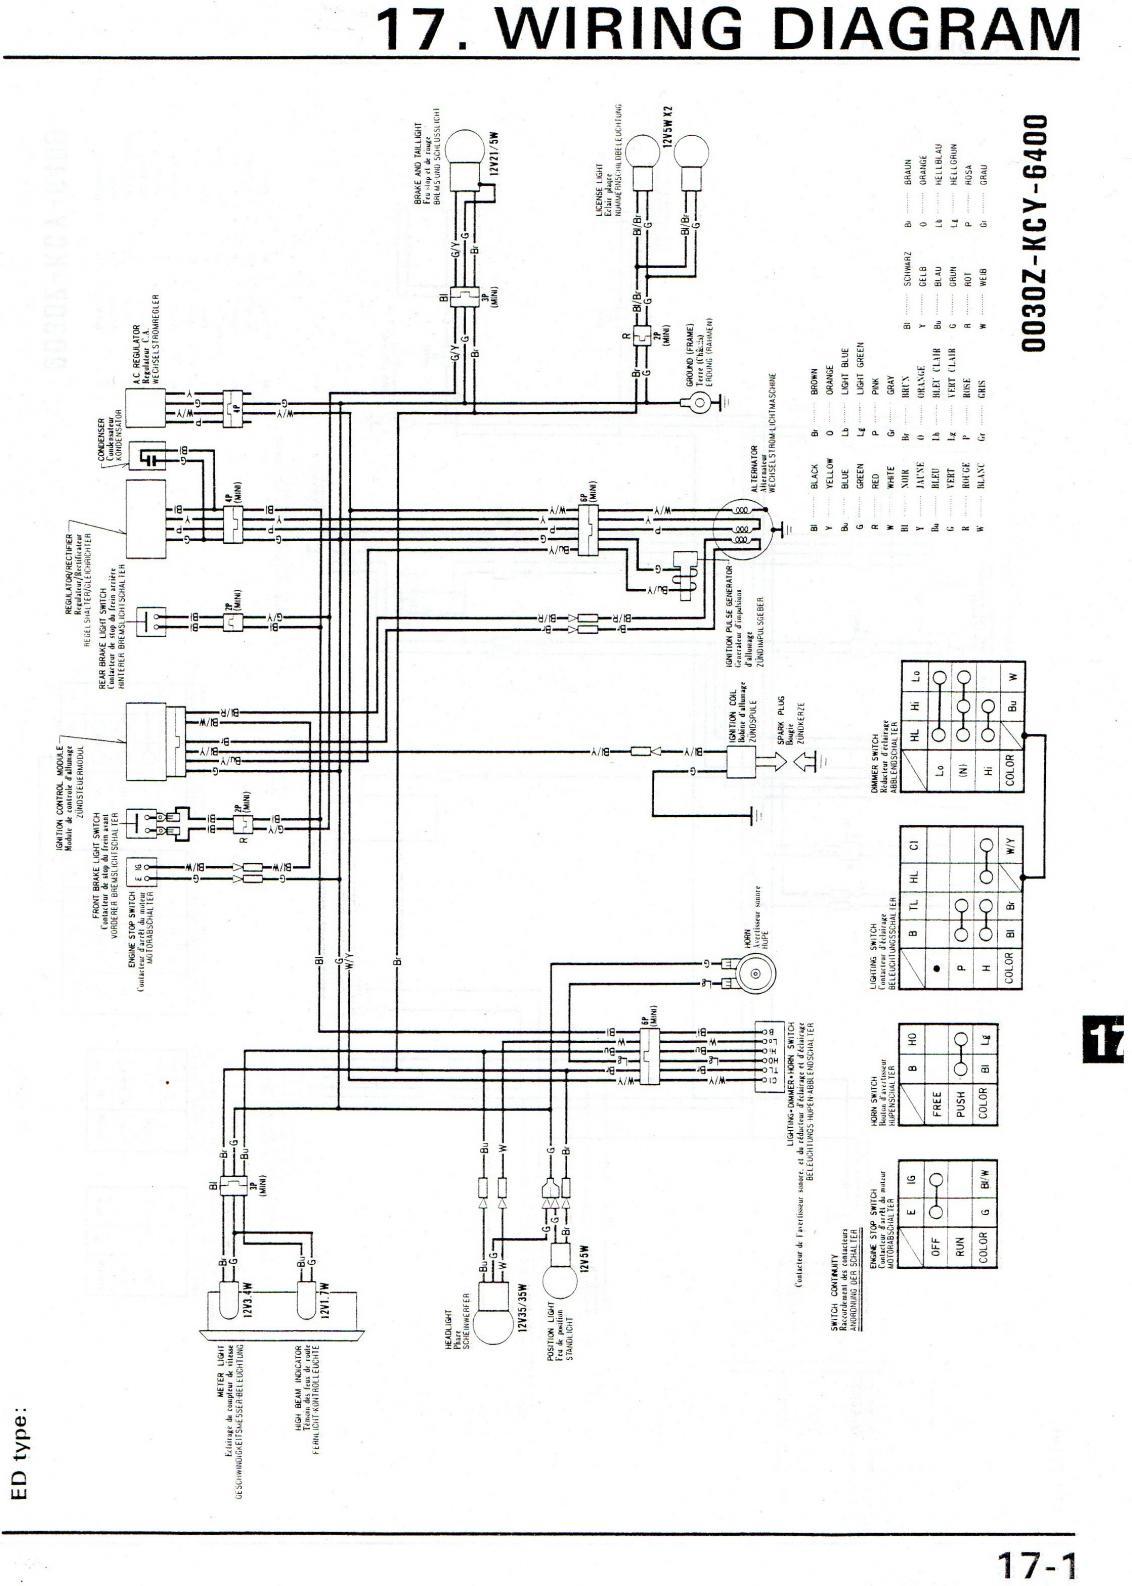 hight resolution of honda xr400 wiring diagram pdf wiring diagramhonda xr400 wiring diagram pdf